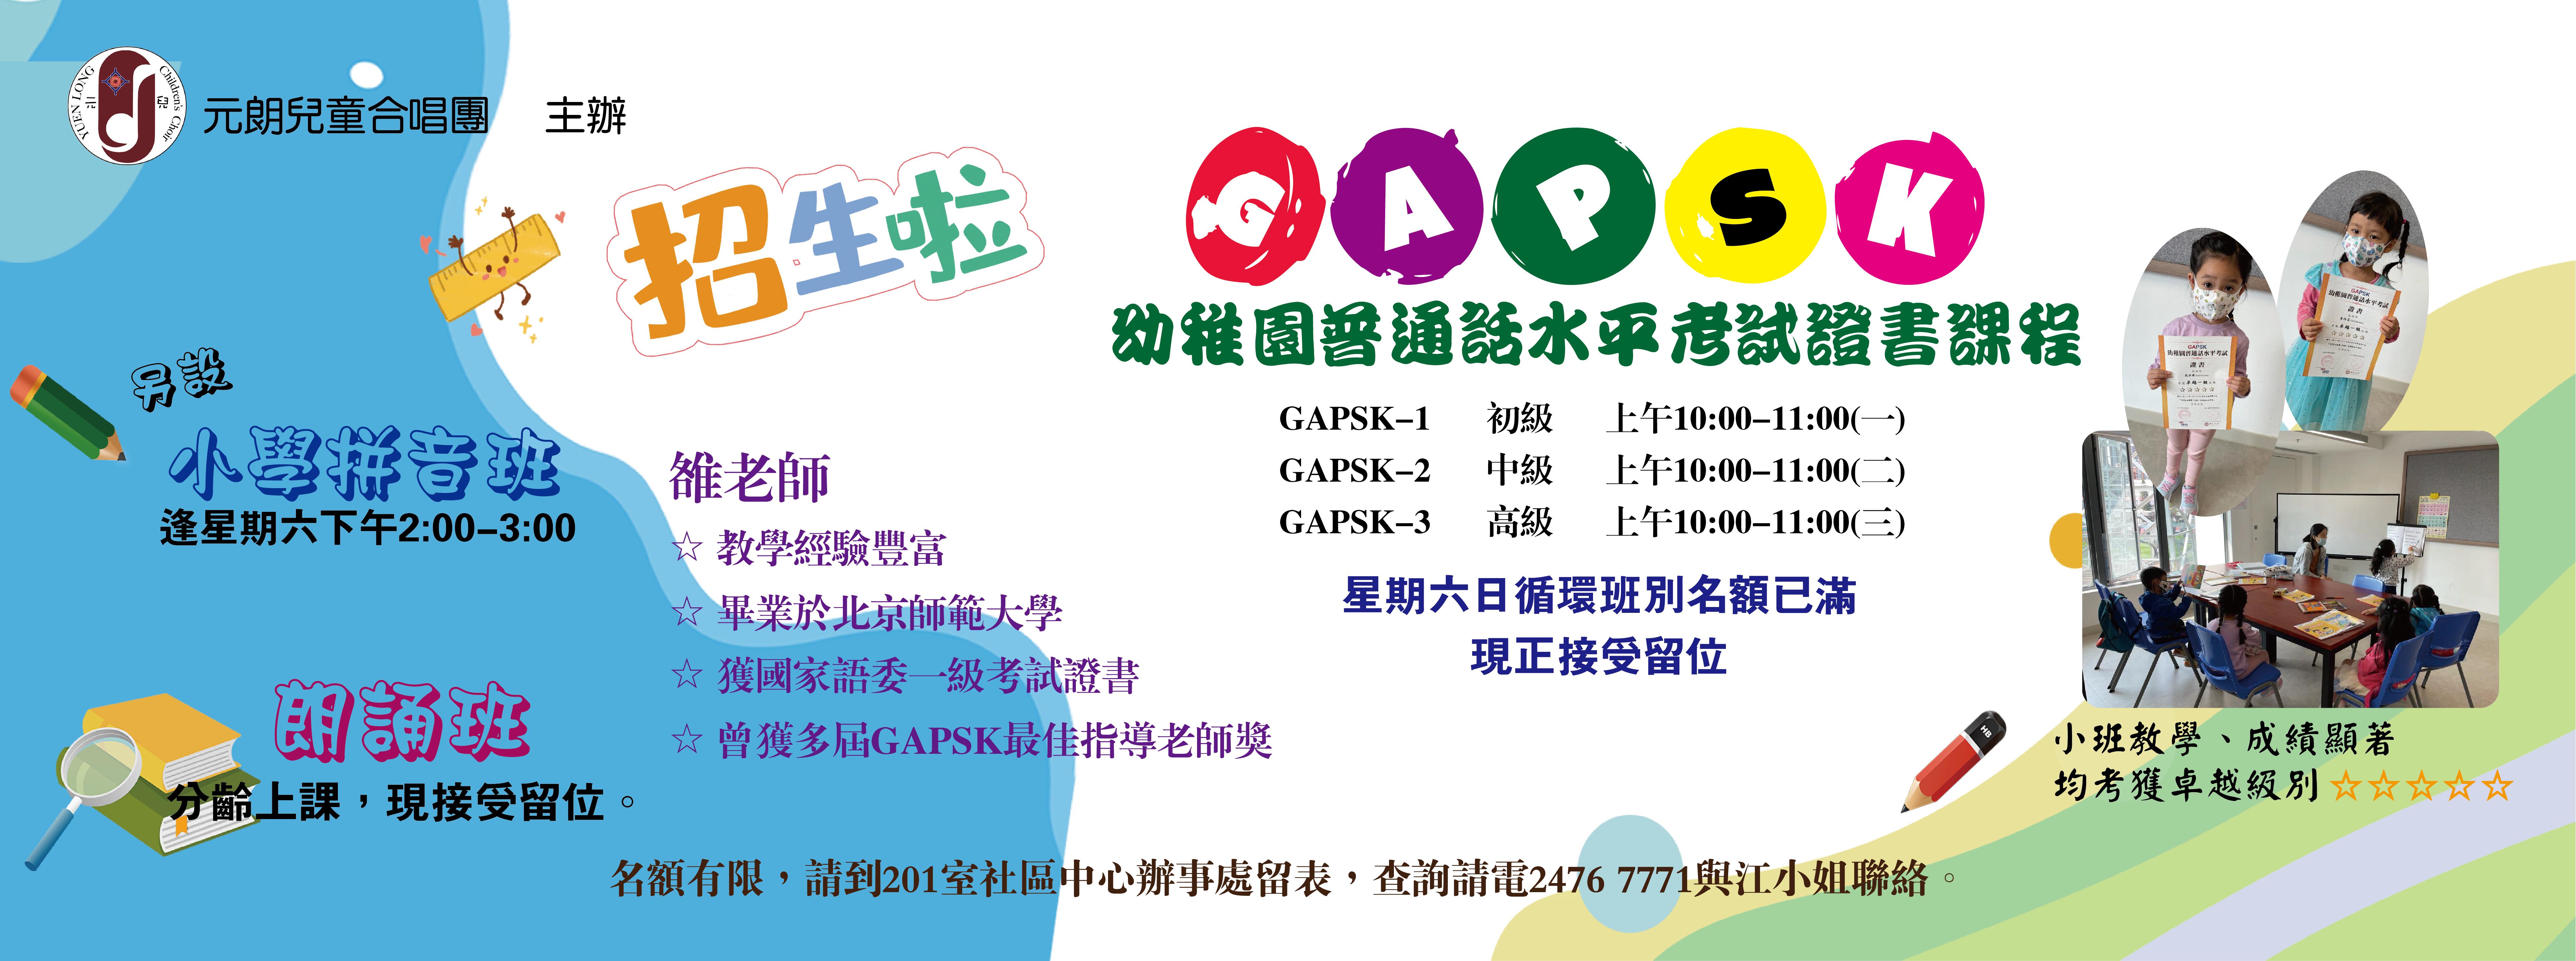 網站橫額-GAPSK-01_工作區域 1